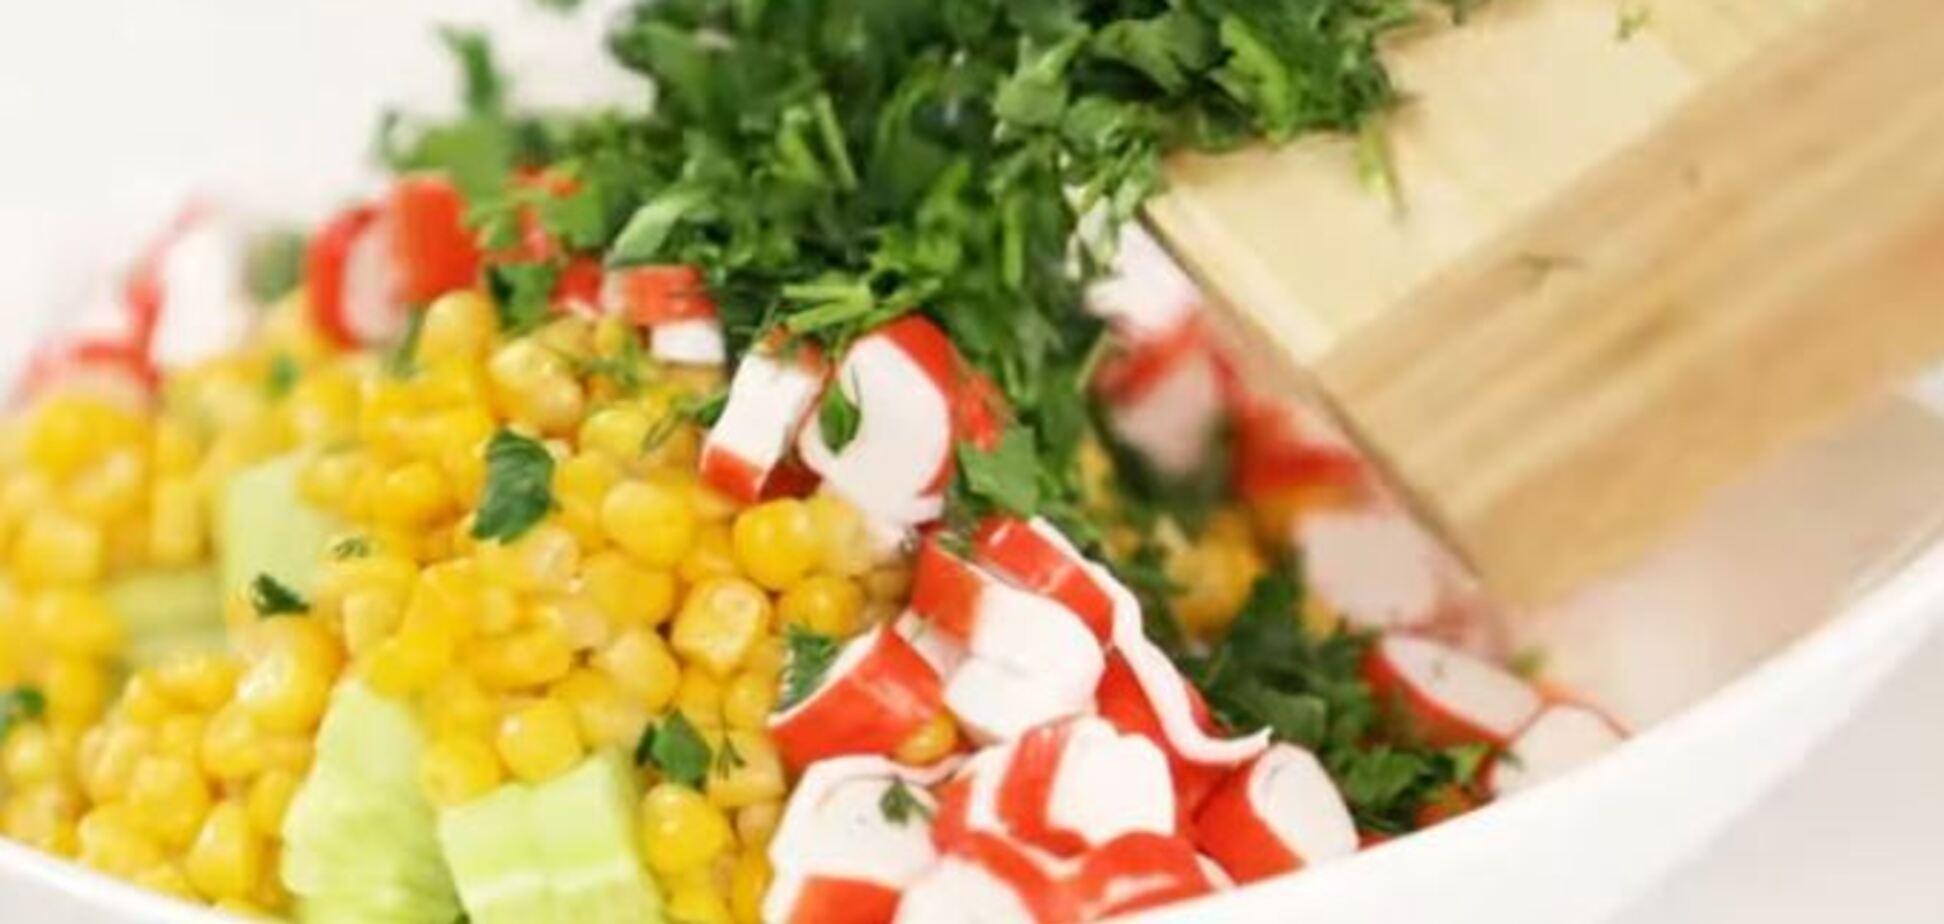 Салат из огурцов и крабовых палочек за 15 минут: простой рецепт с видео